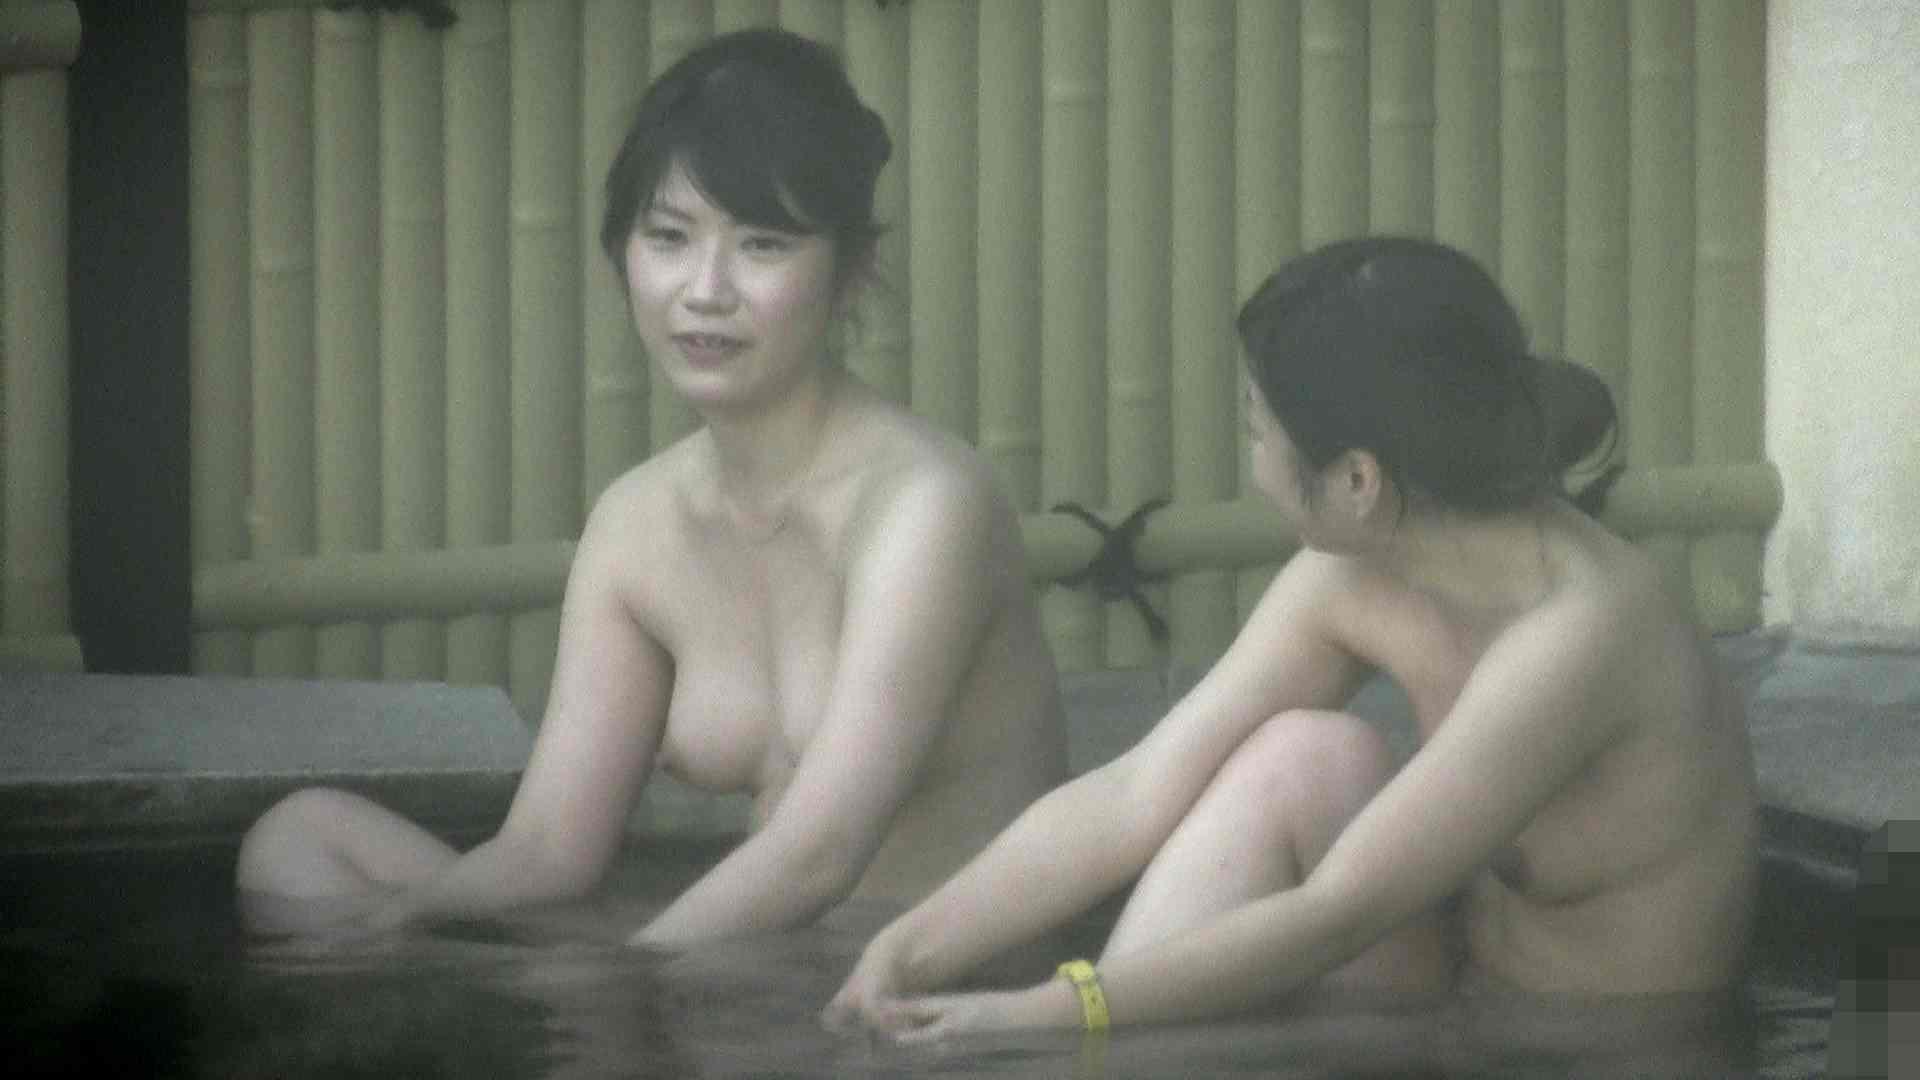 Aquaな露天風呂Vol.206 盗撮動画 | 露天風呂  11枚 11